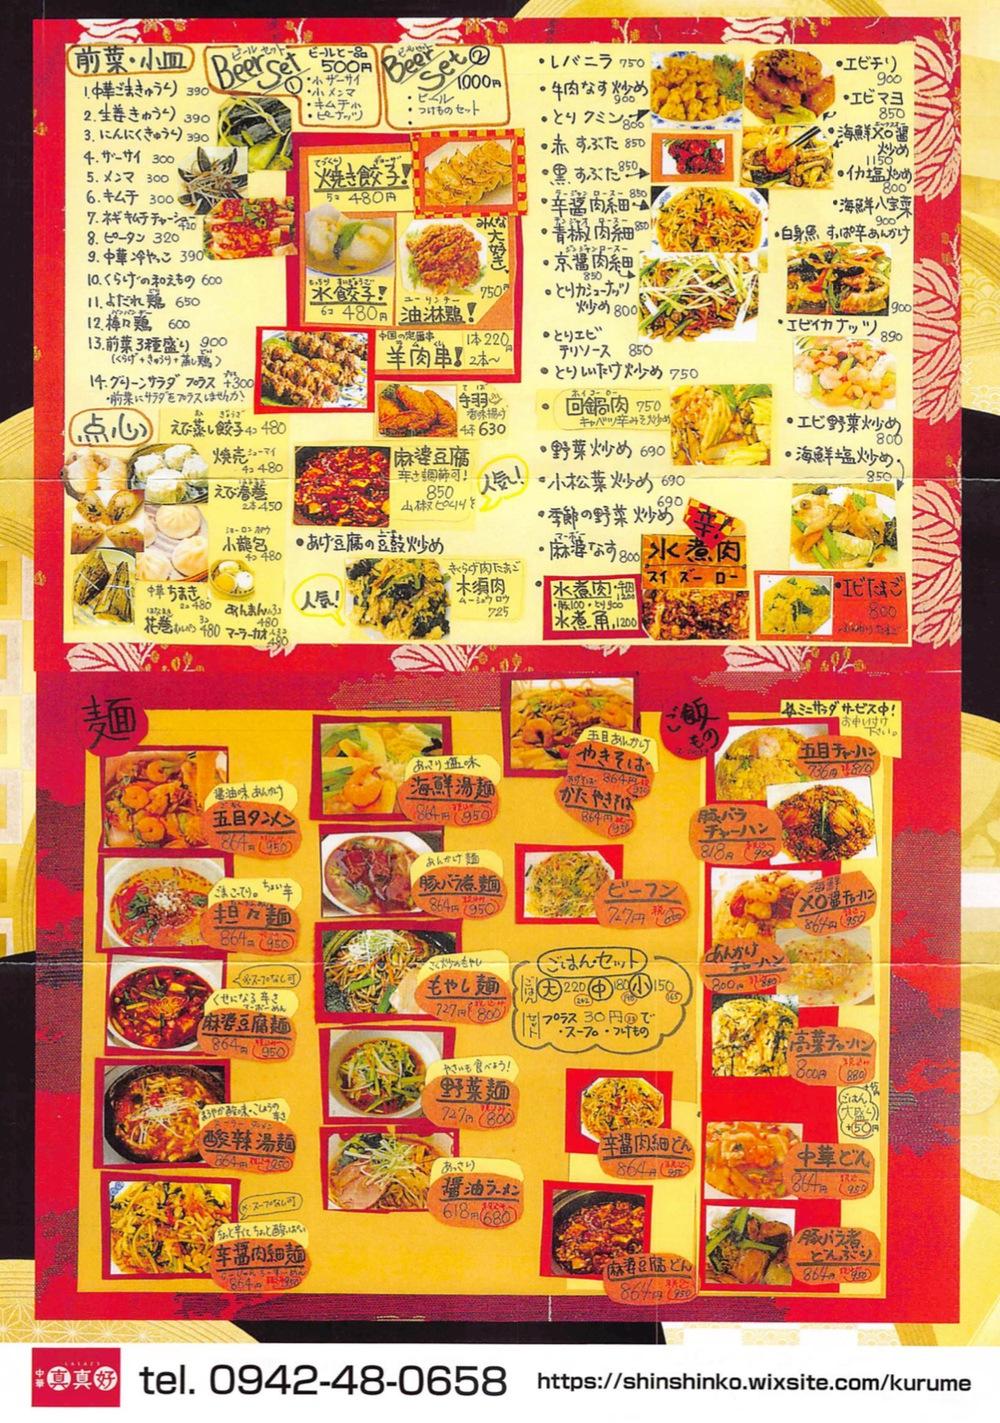 中華 真真好(しんしんこう)中華料理店 チラシ